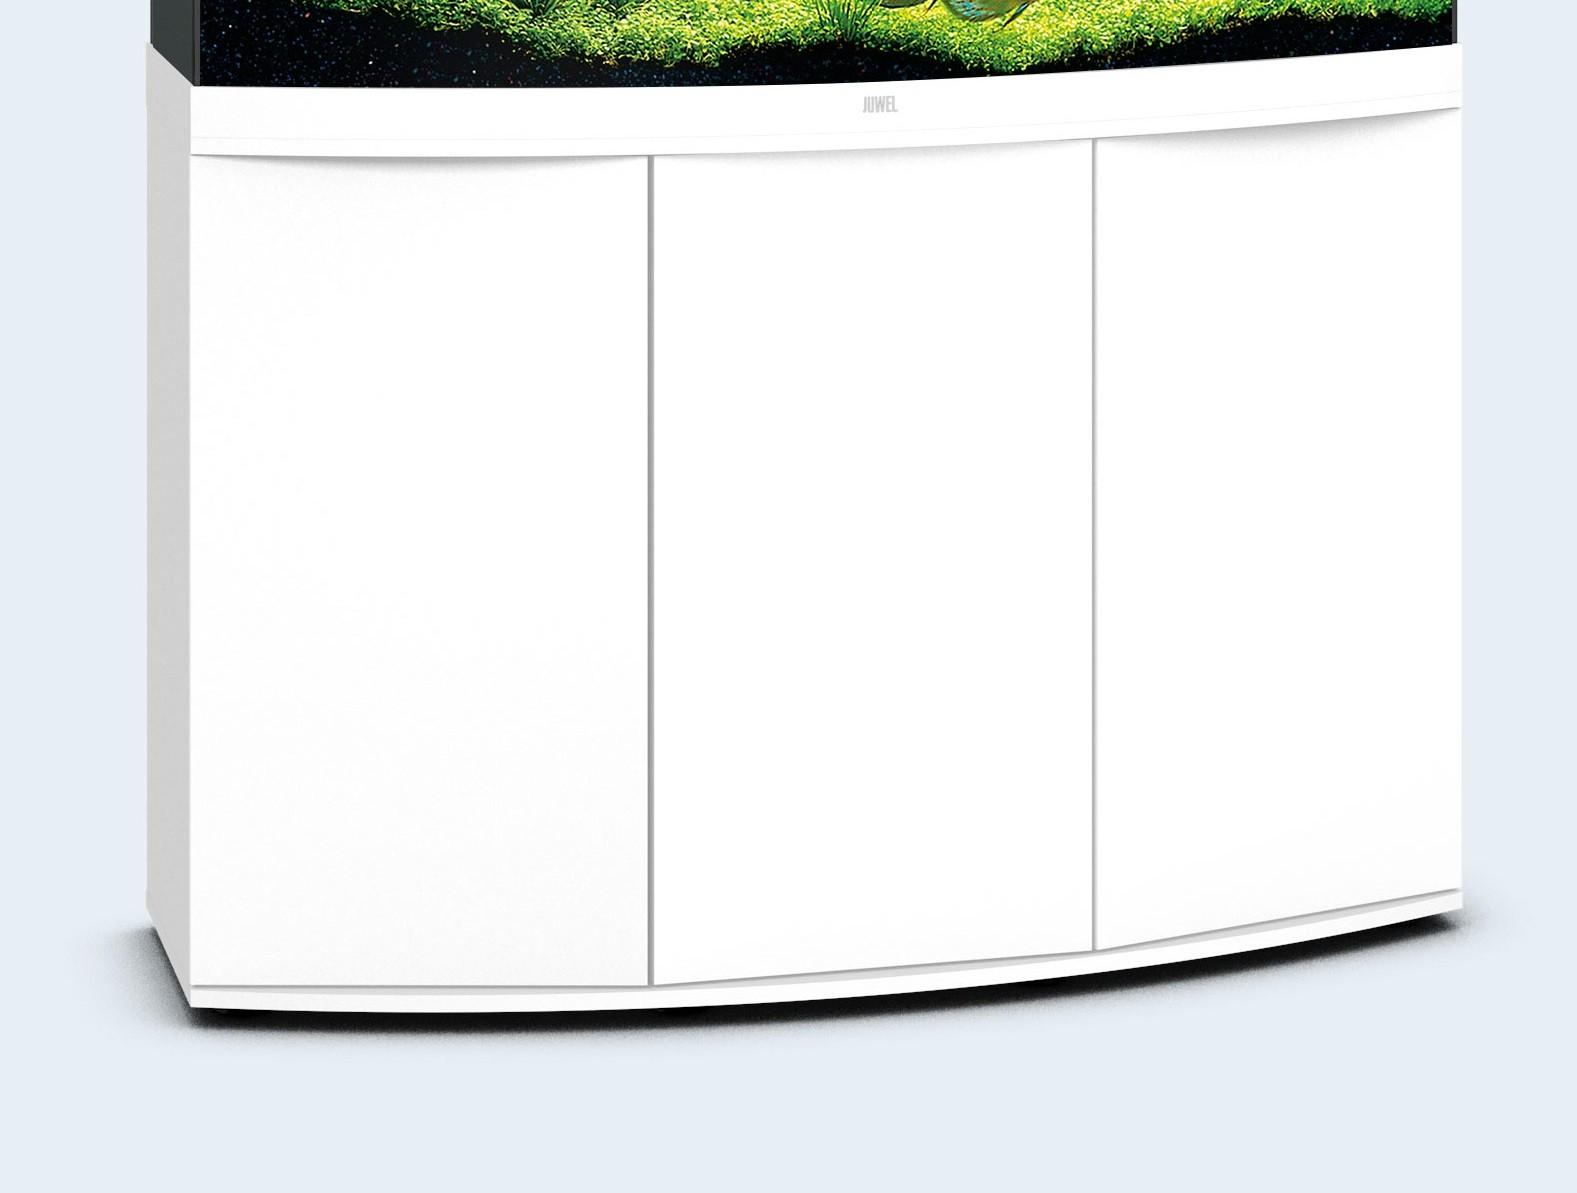 Hvidt Akvarie underskab til 260 liter Vision model